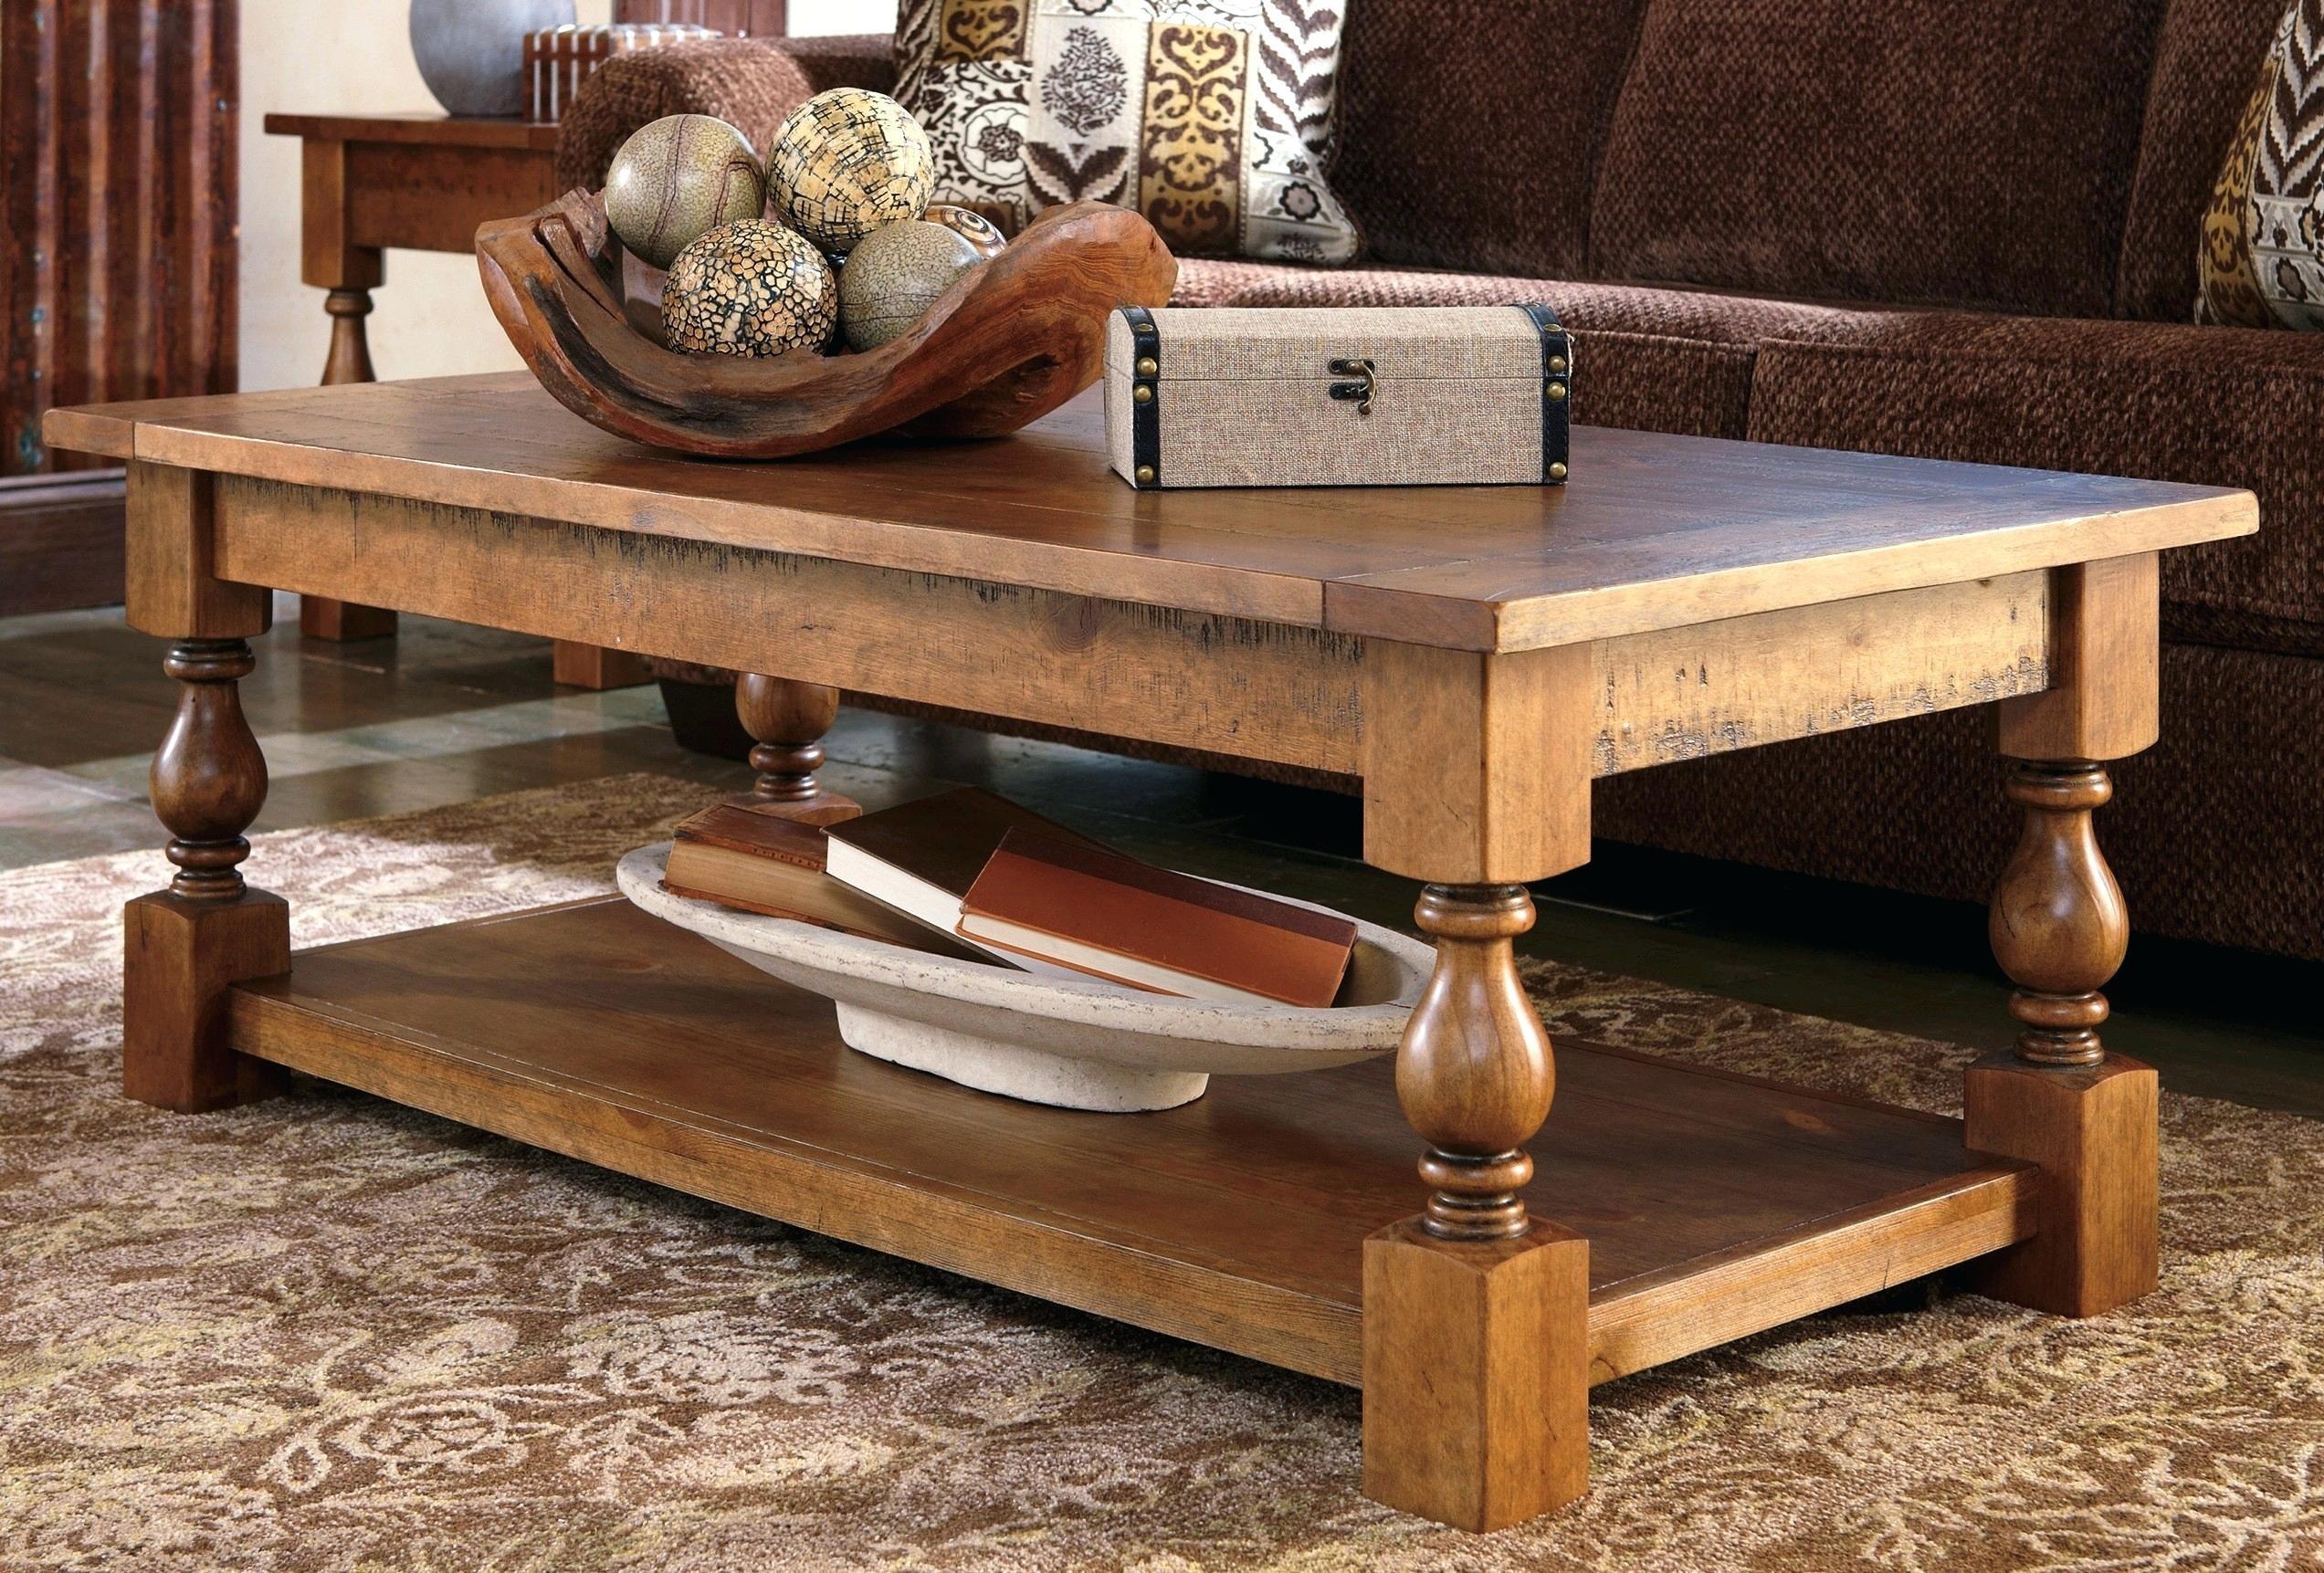 جدول ساده با قفسه